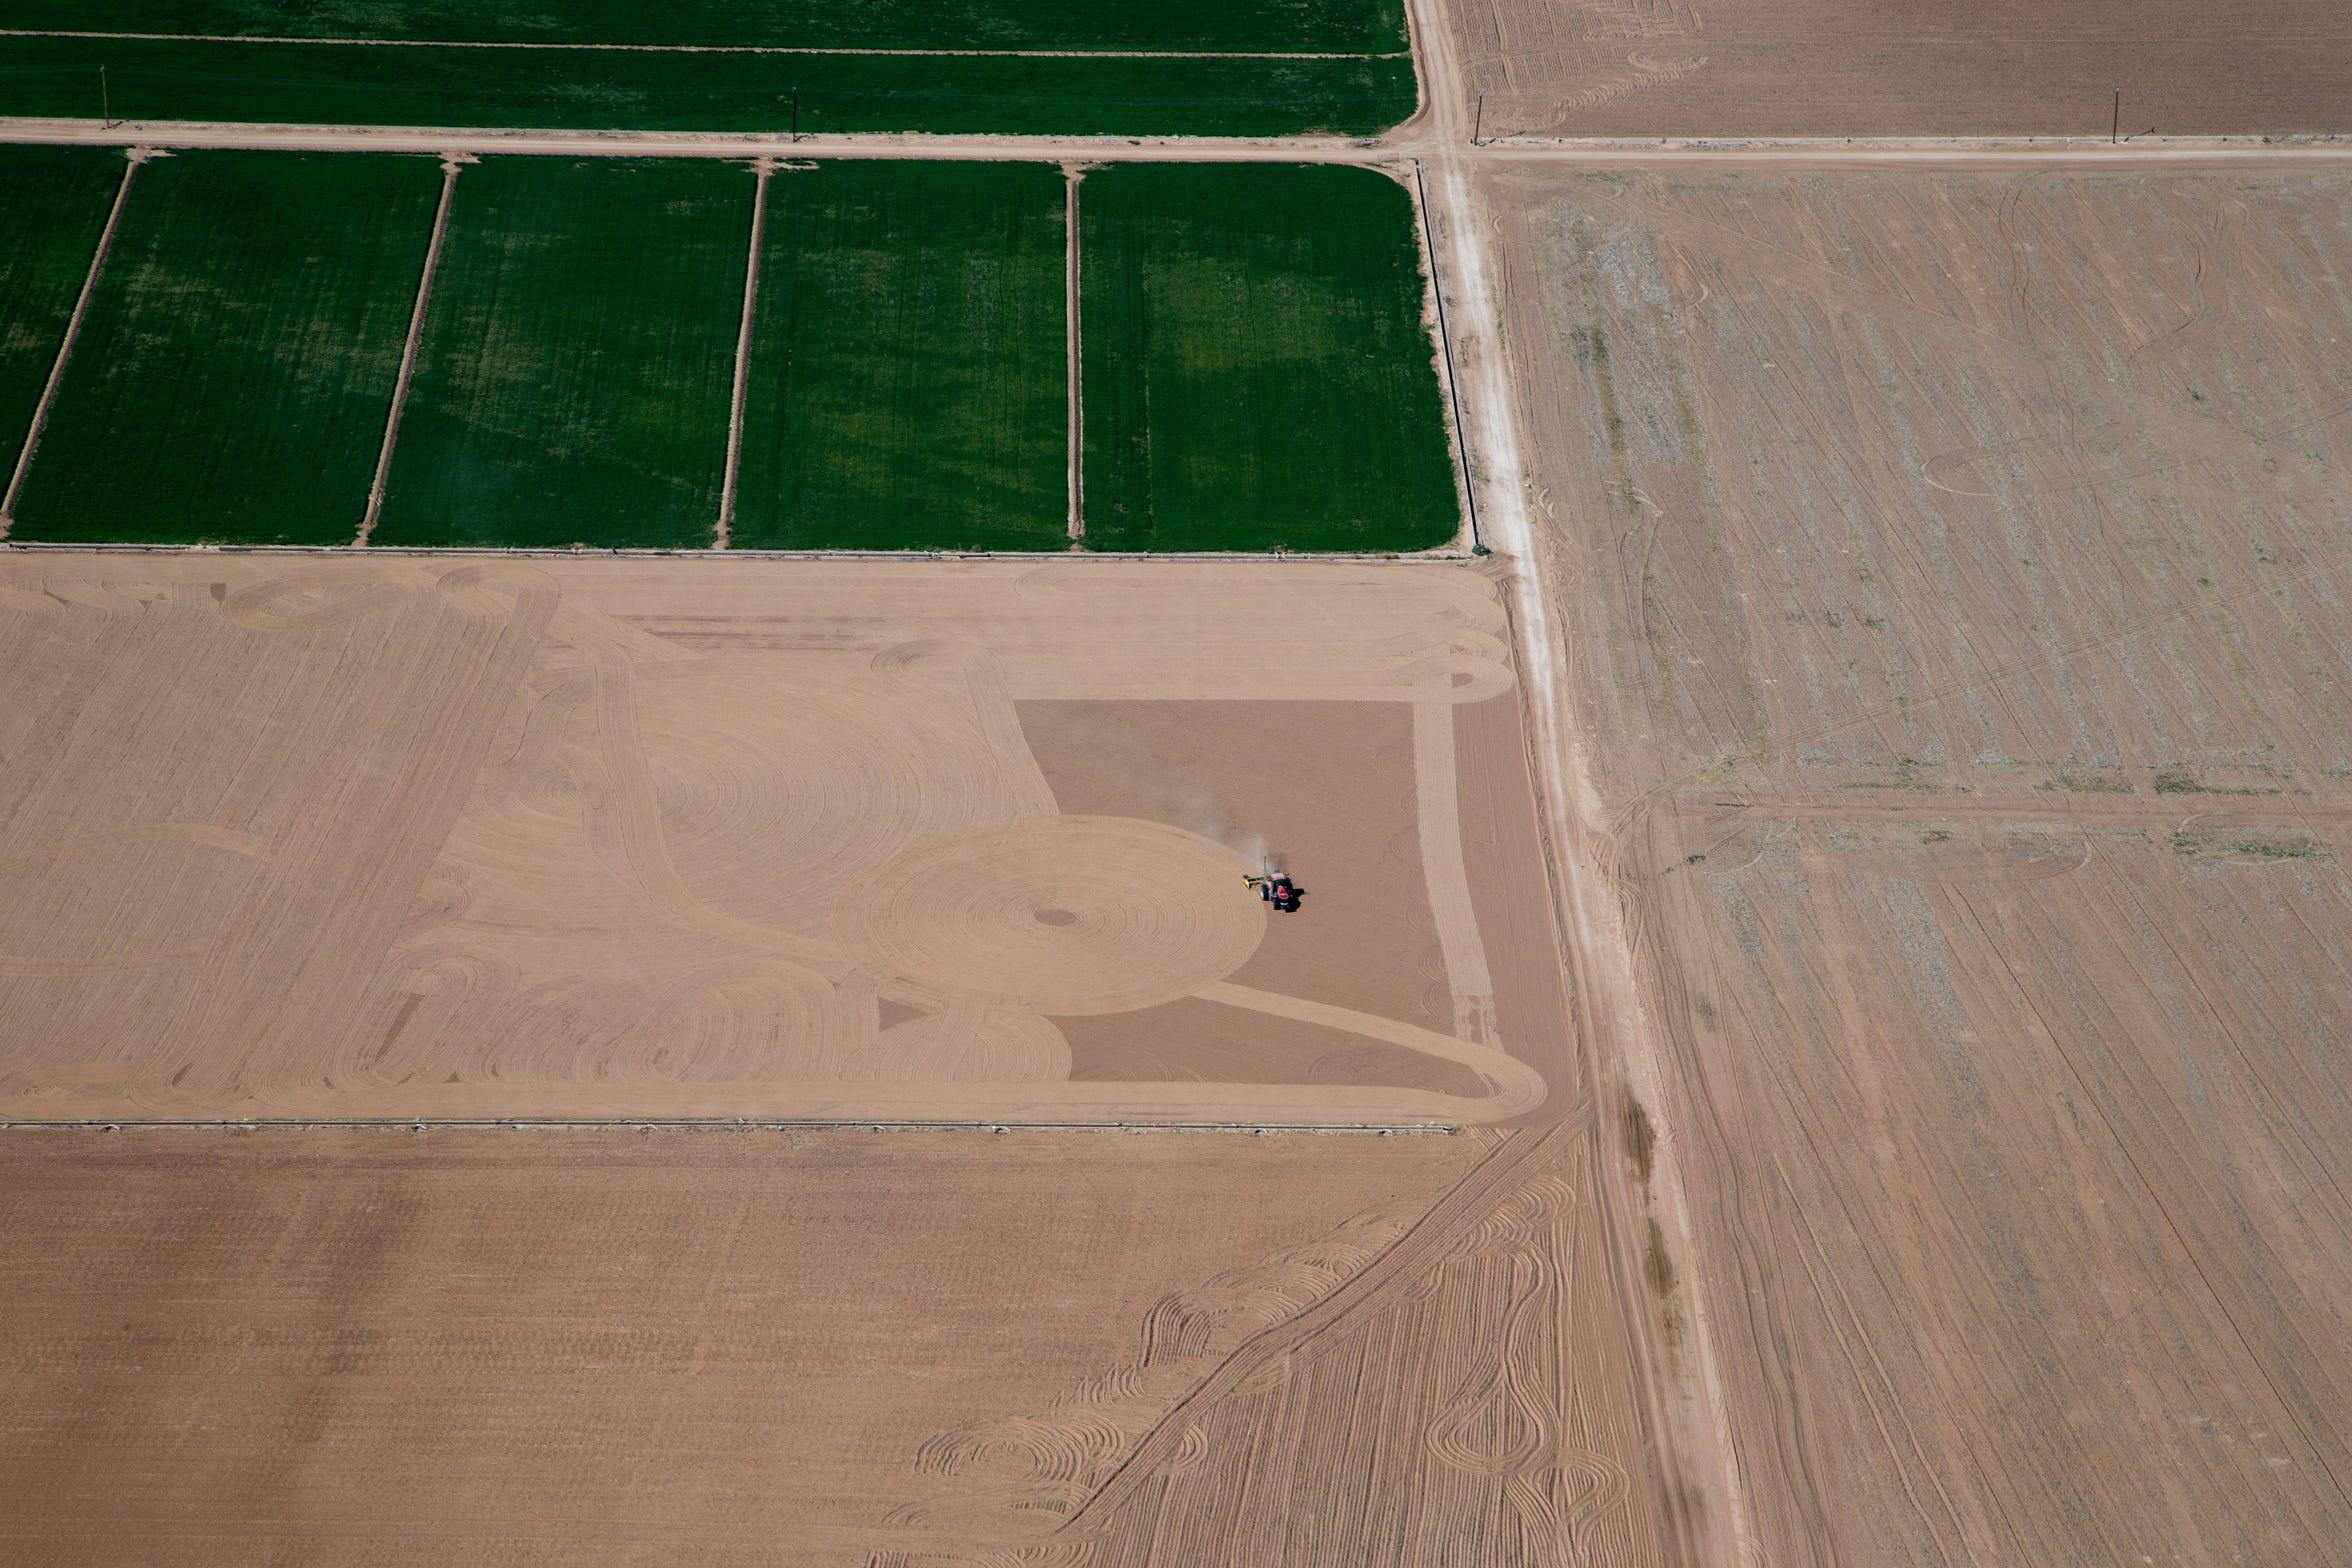 Terrenos agrícolas cerca del área de restauración de la Colonia Miguel Alemán en Baja California, México.